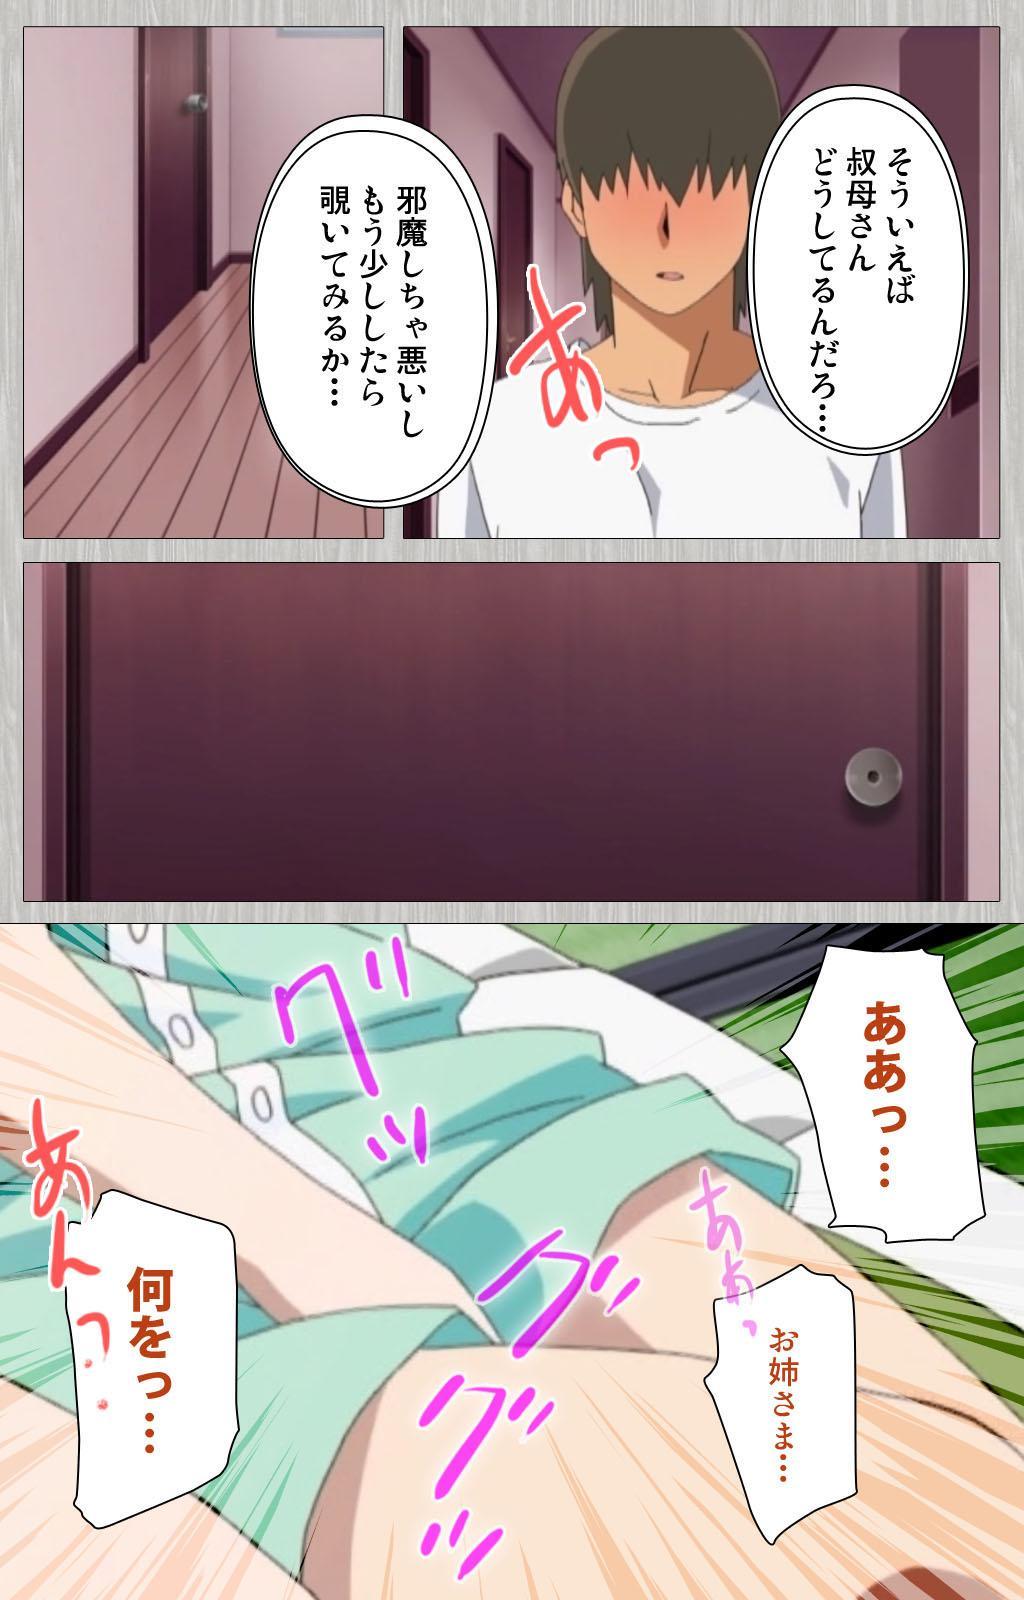 Tsuma no haha Sayuri Kanzenban 161